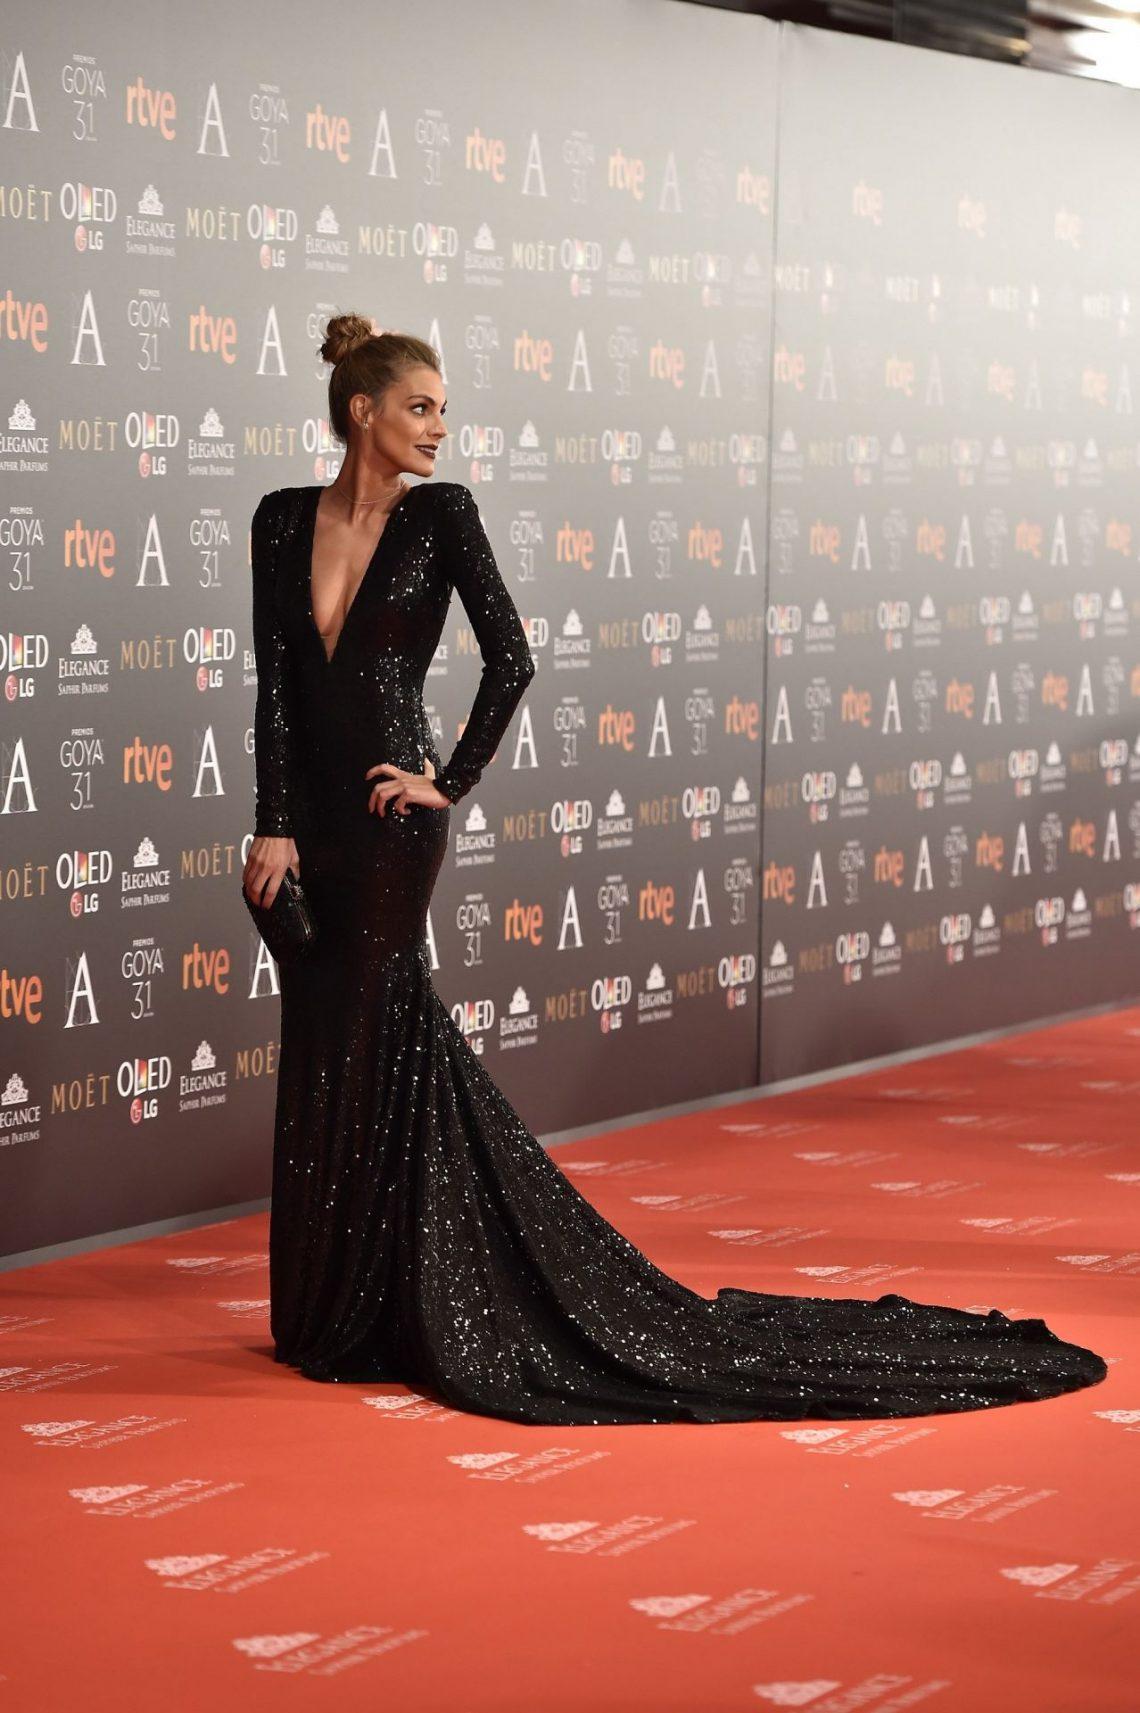 19334a9ed7 El impactante vestido de Amaia Salamanca la posiciona entre las favoritas  de la noche de Los